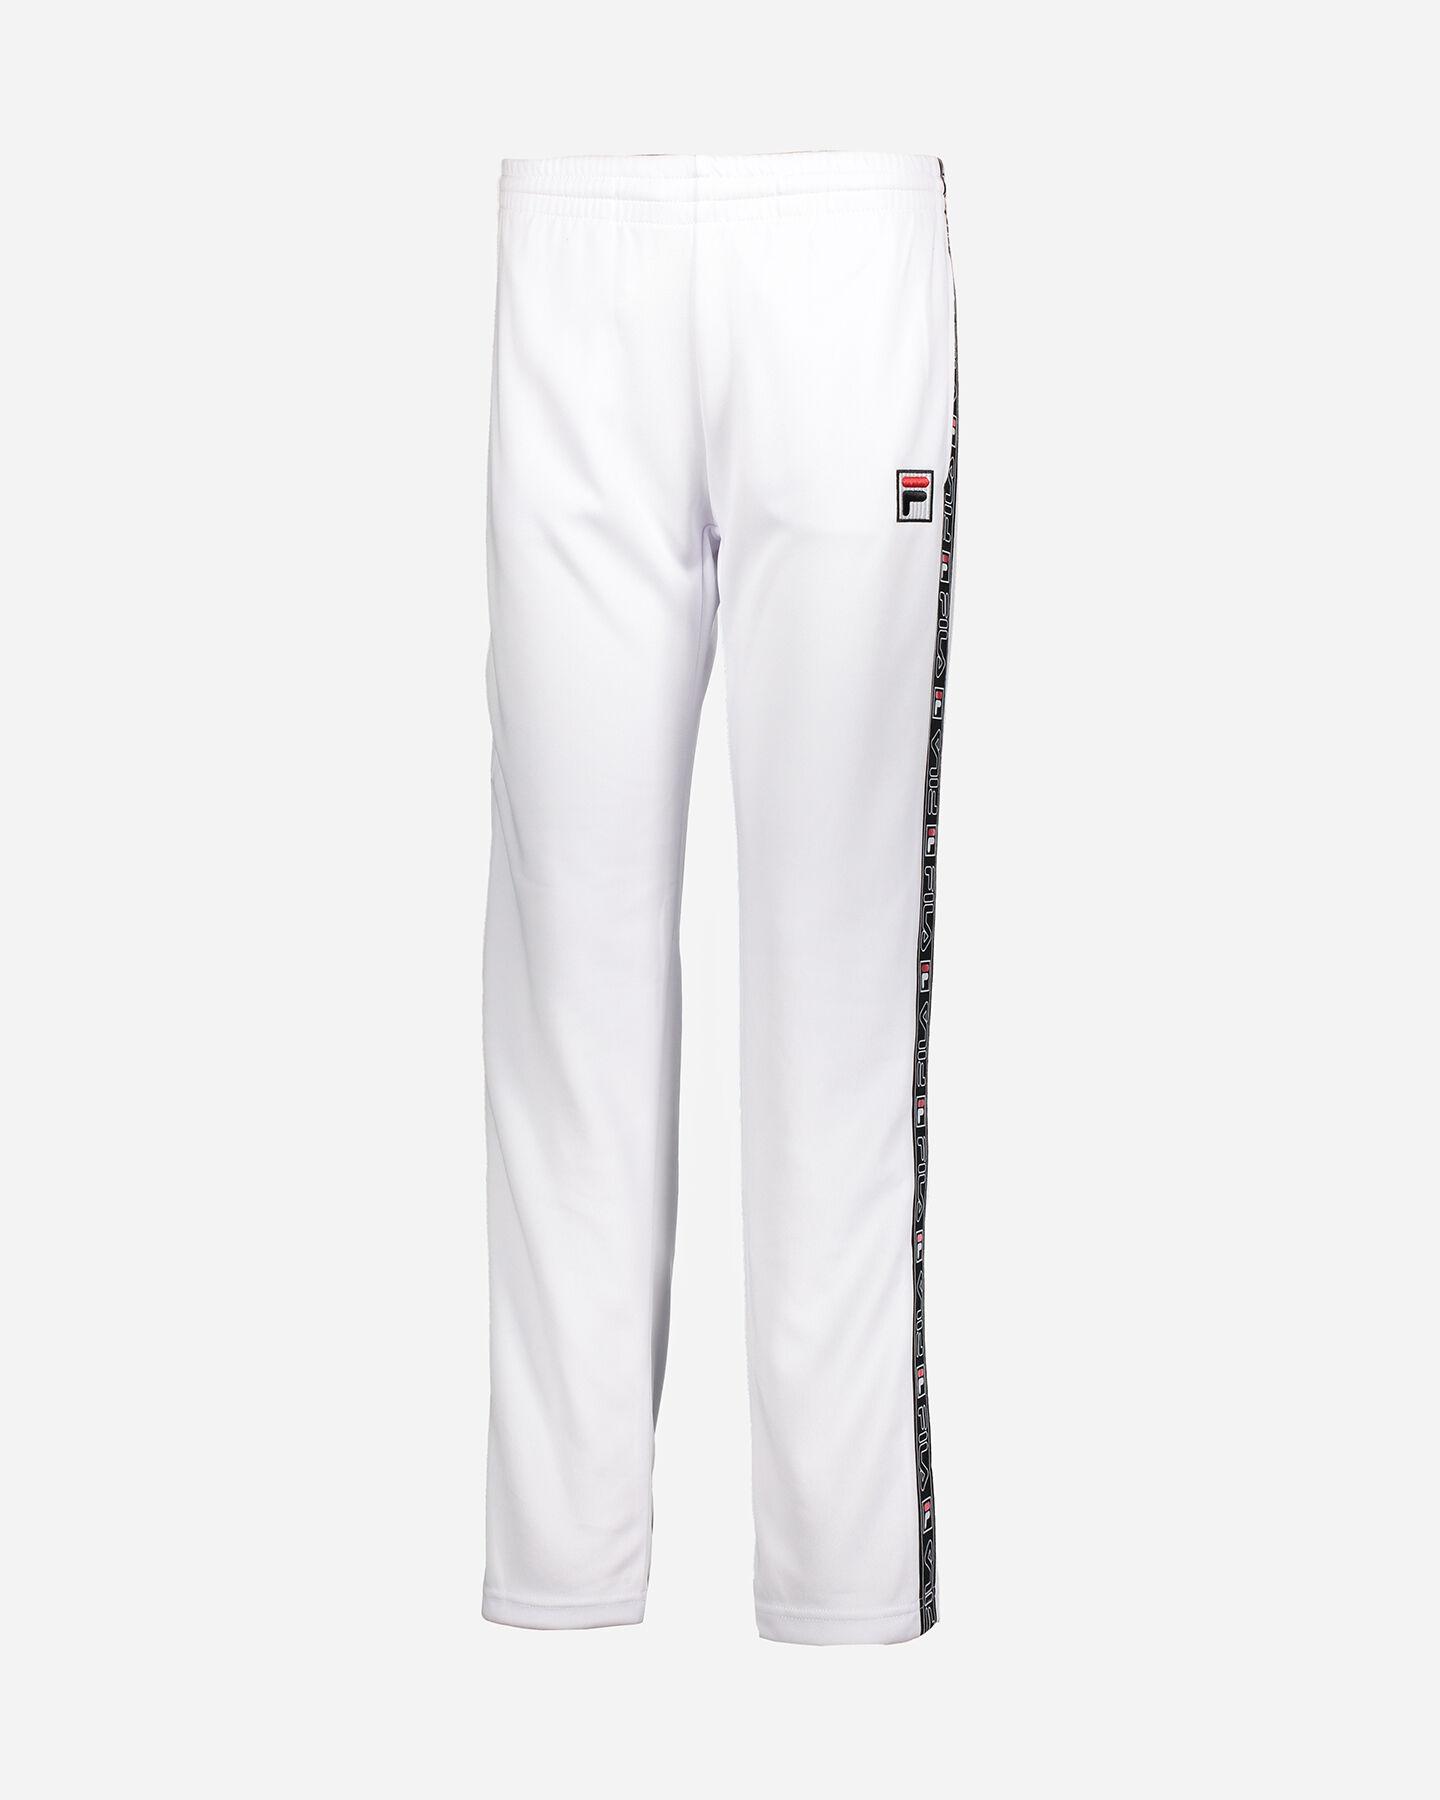 Pantalone FILA CLASSIC BANDA W S4074262 scatto 4